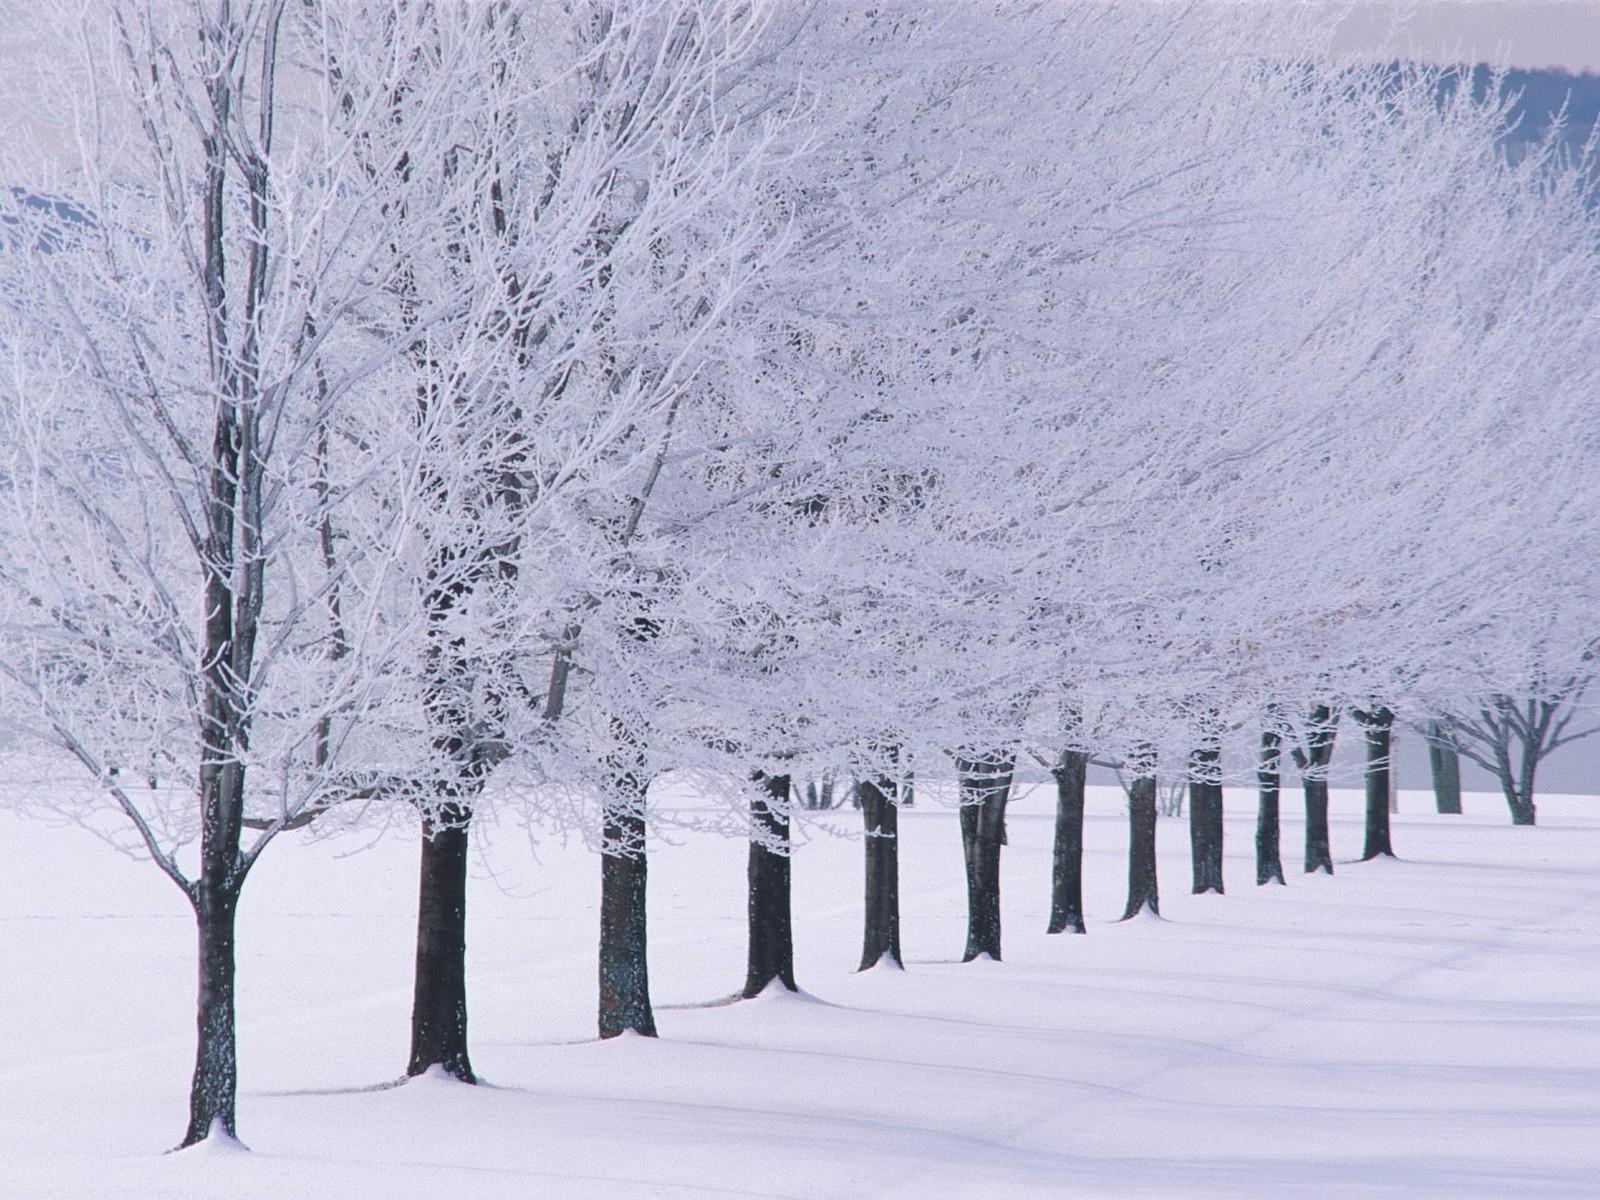 Winter Scenery - Random Photo (35926792) - Fanpop